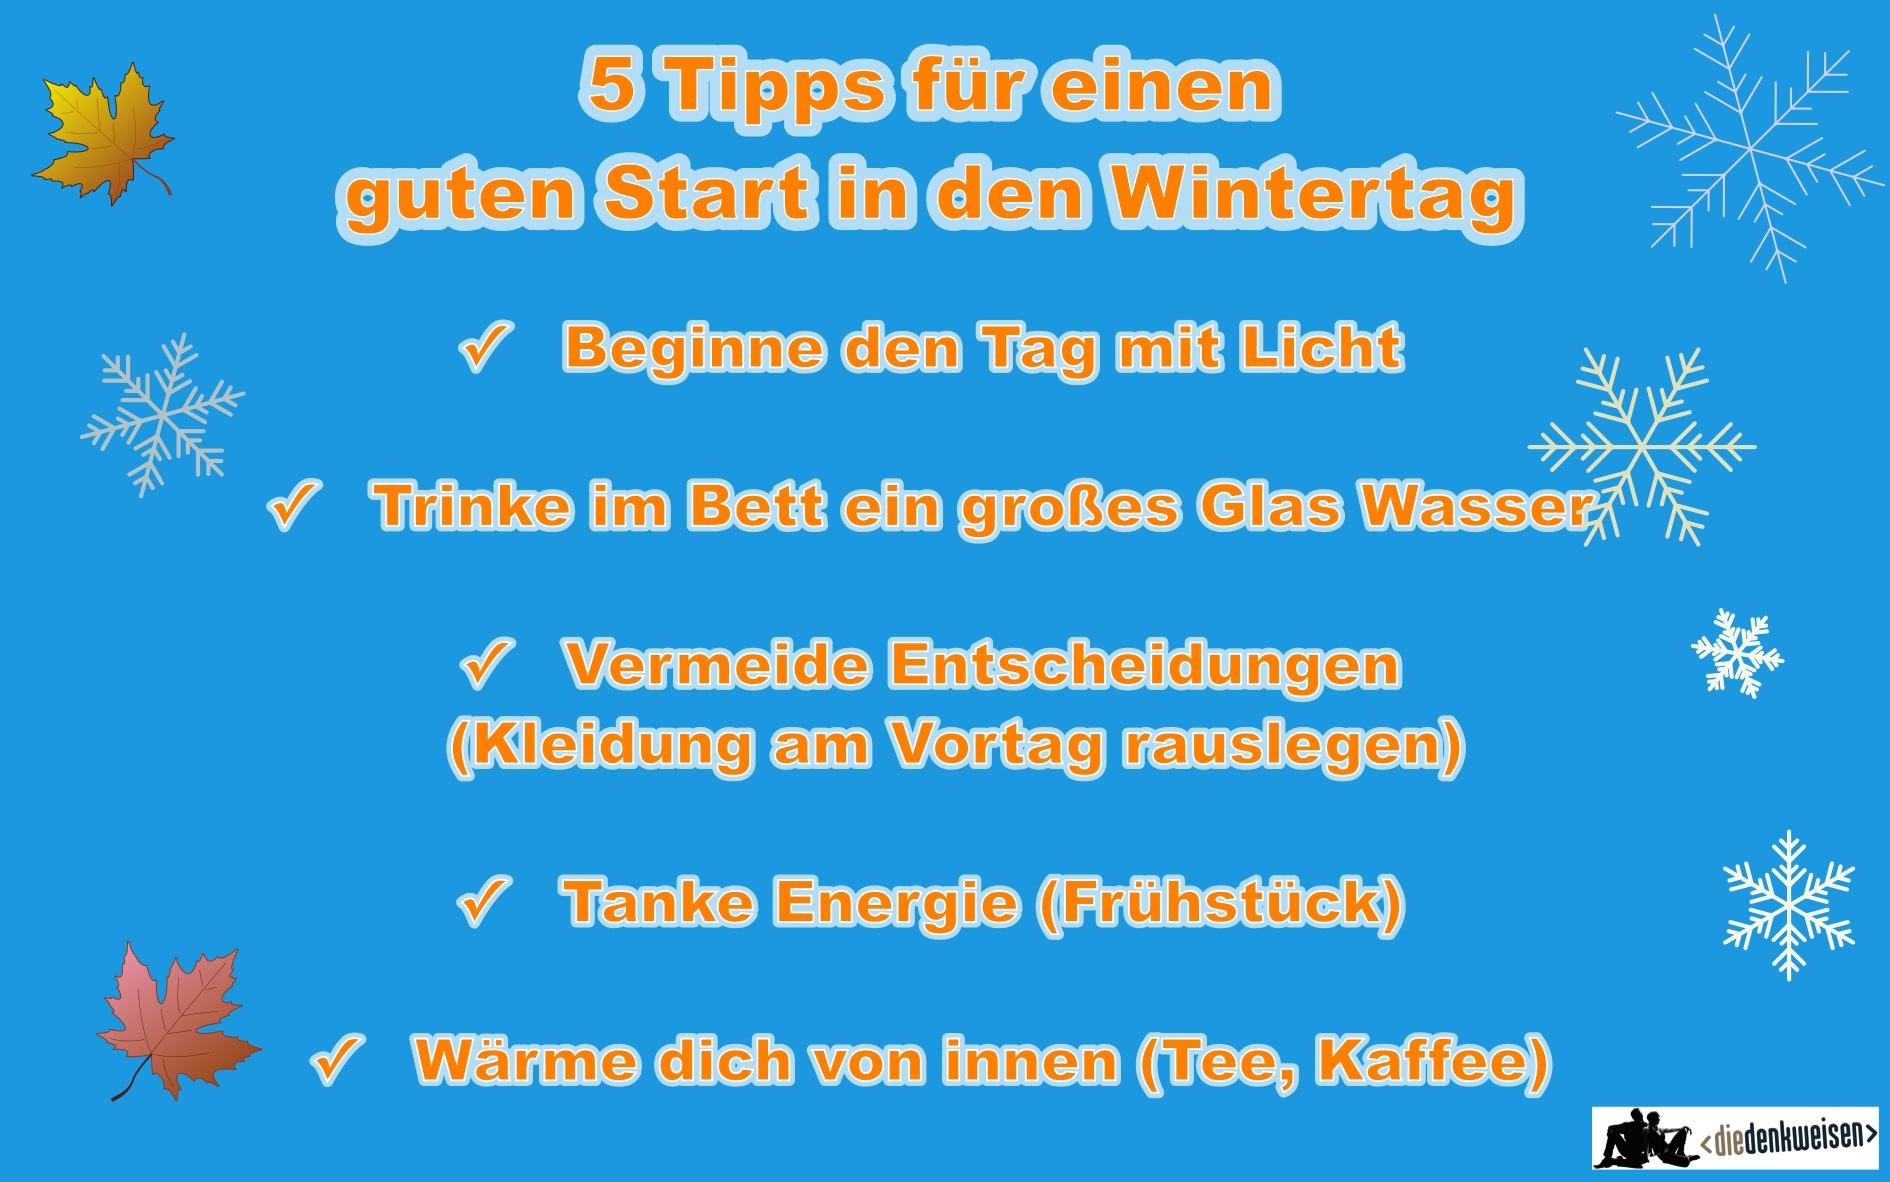 5 Tipps gegen den Winterblues